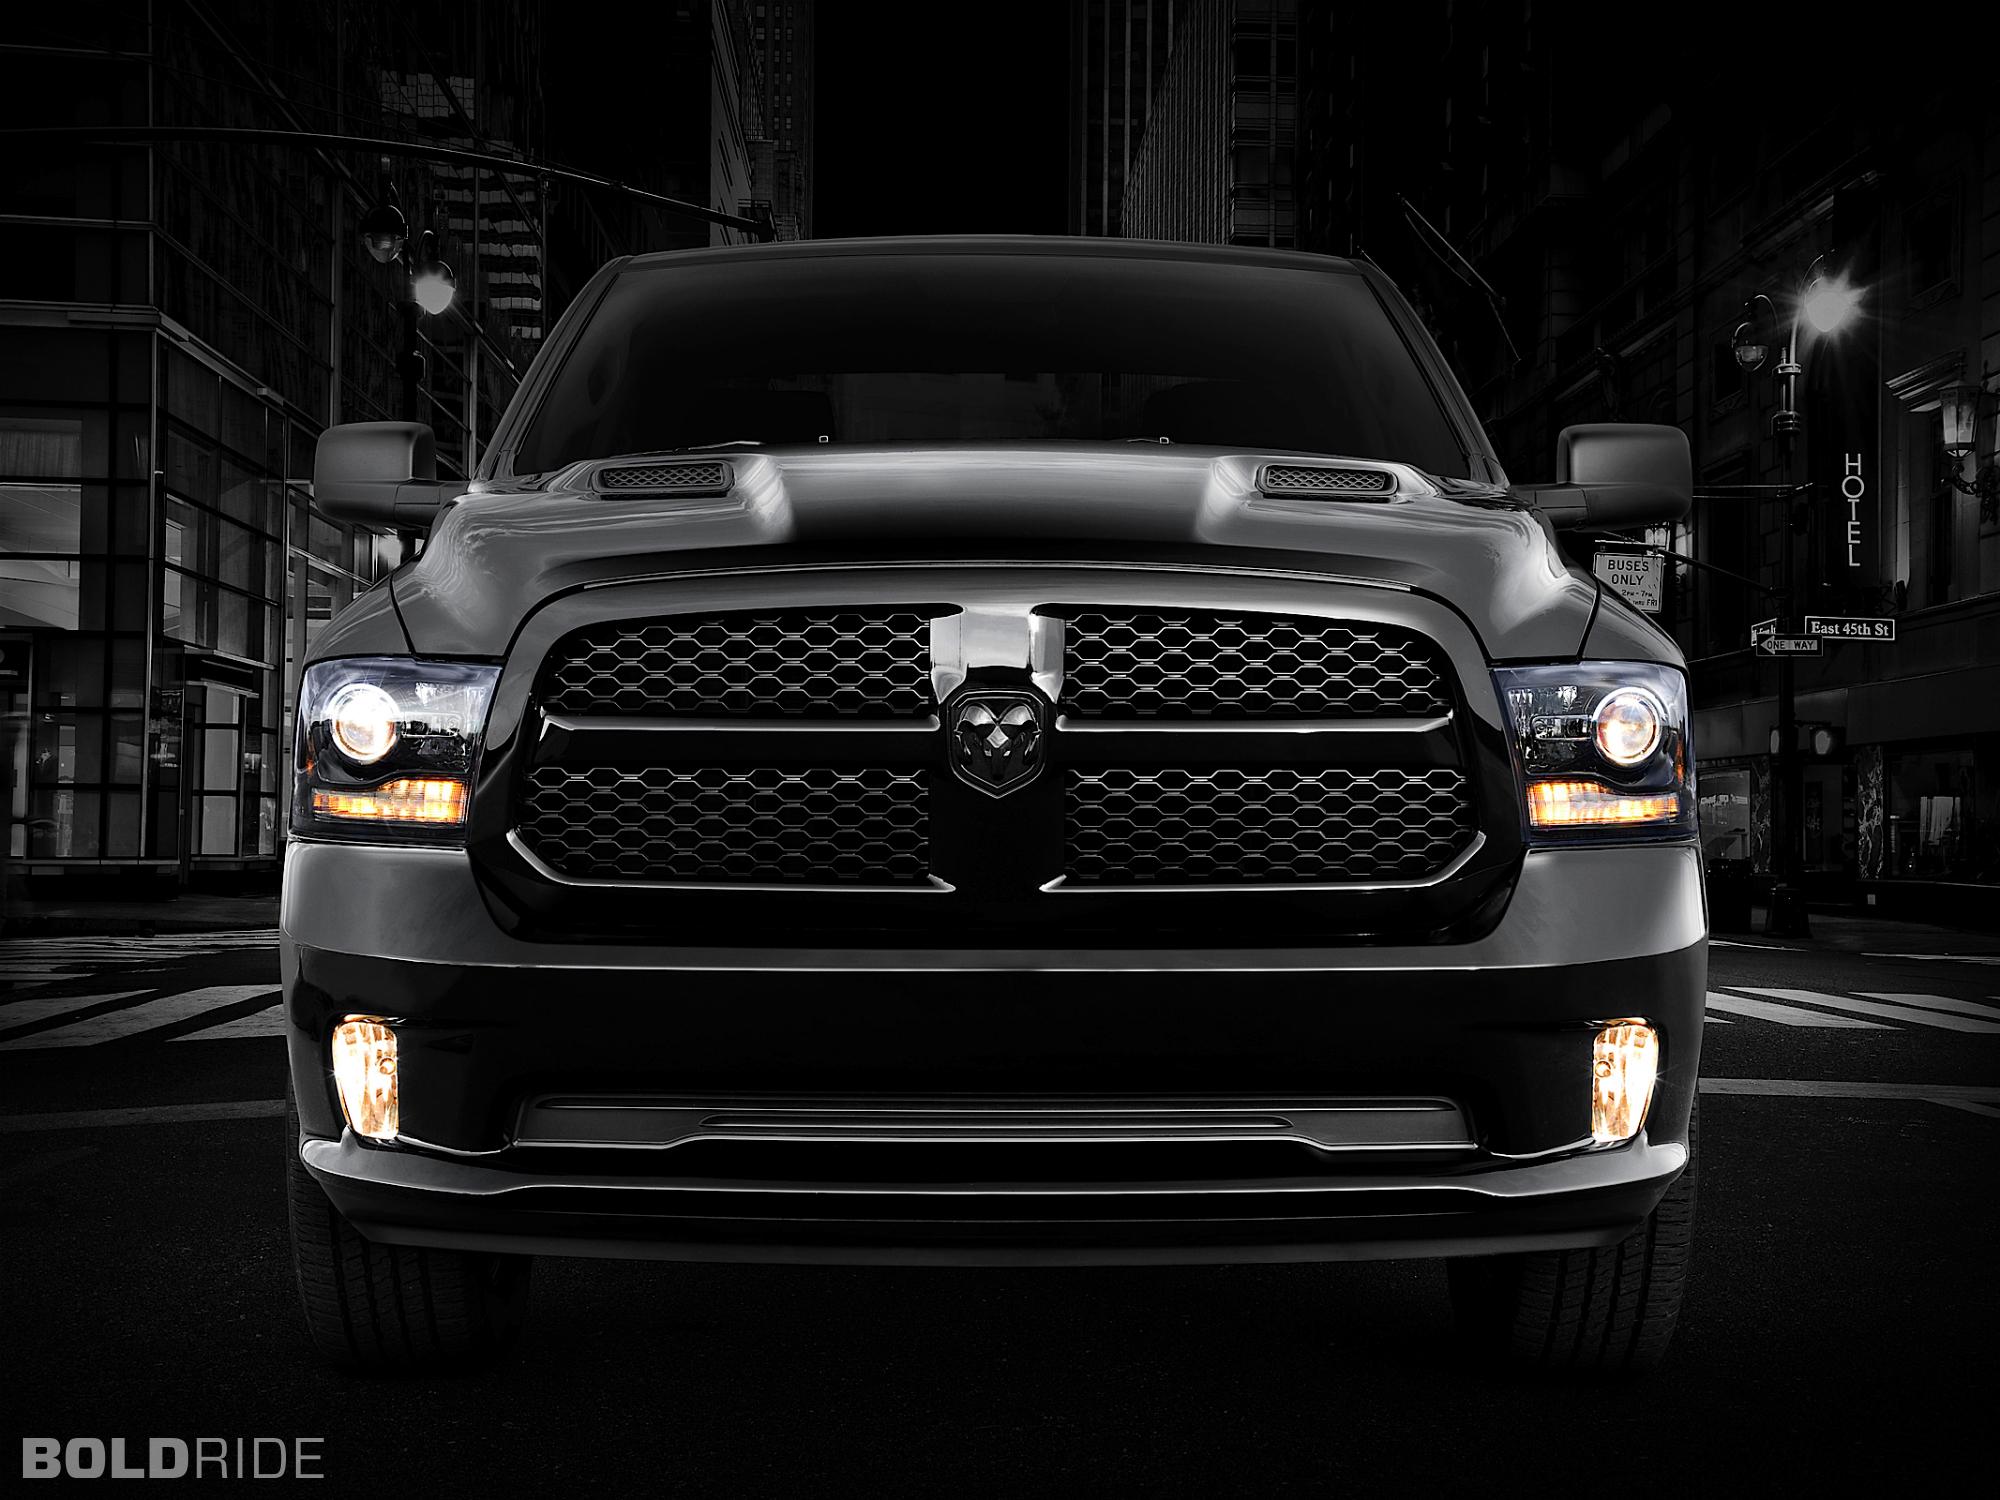 Dodge Ram 1500 Black Express pickup supertruck truck muscle wallpaper 2000x1500